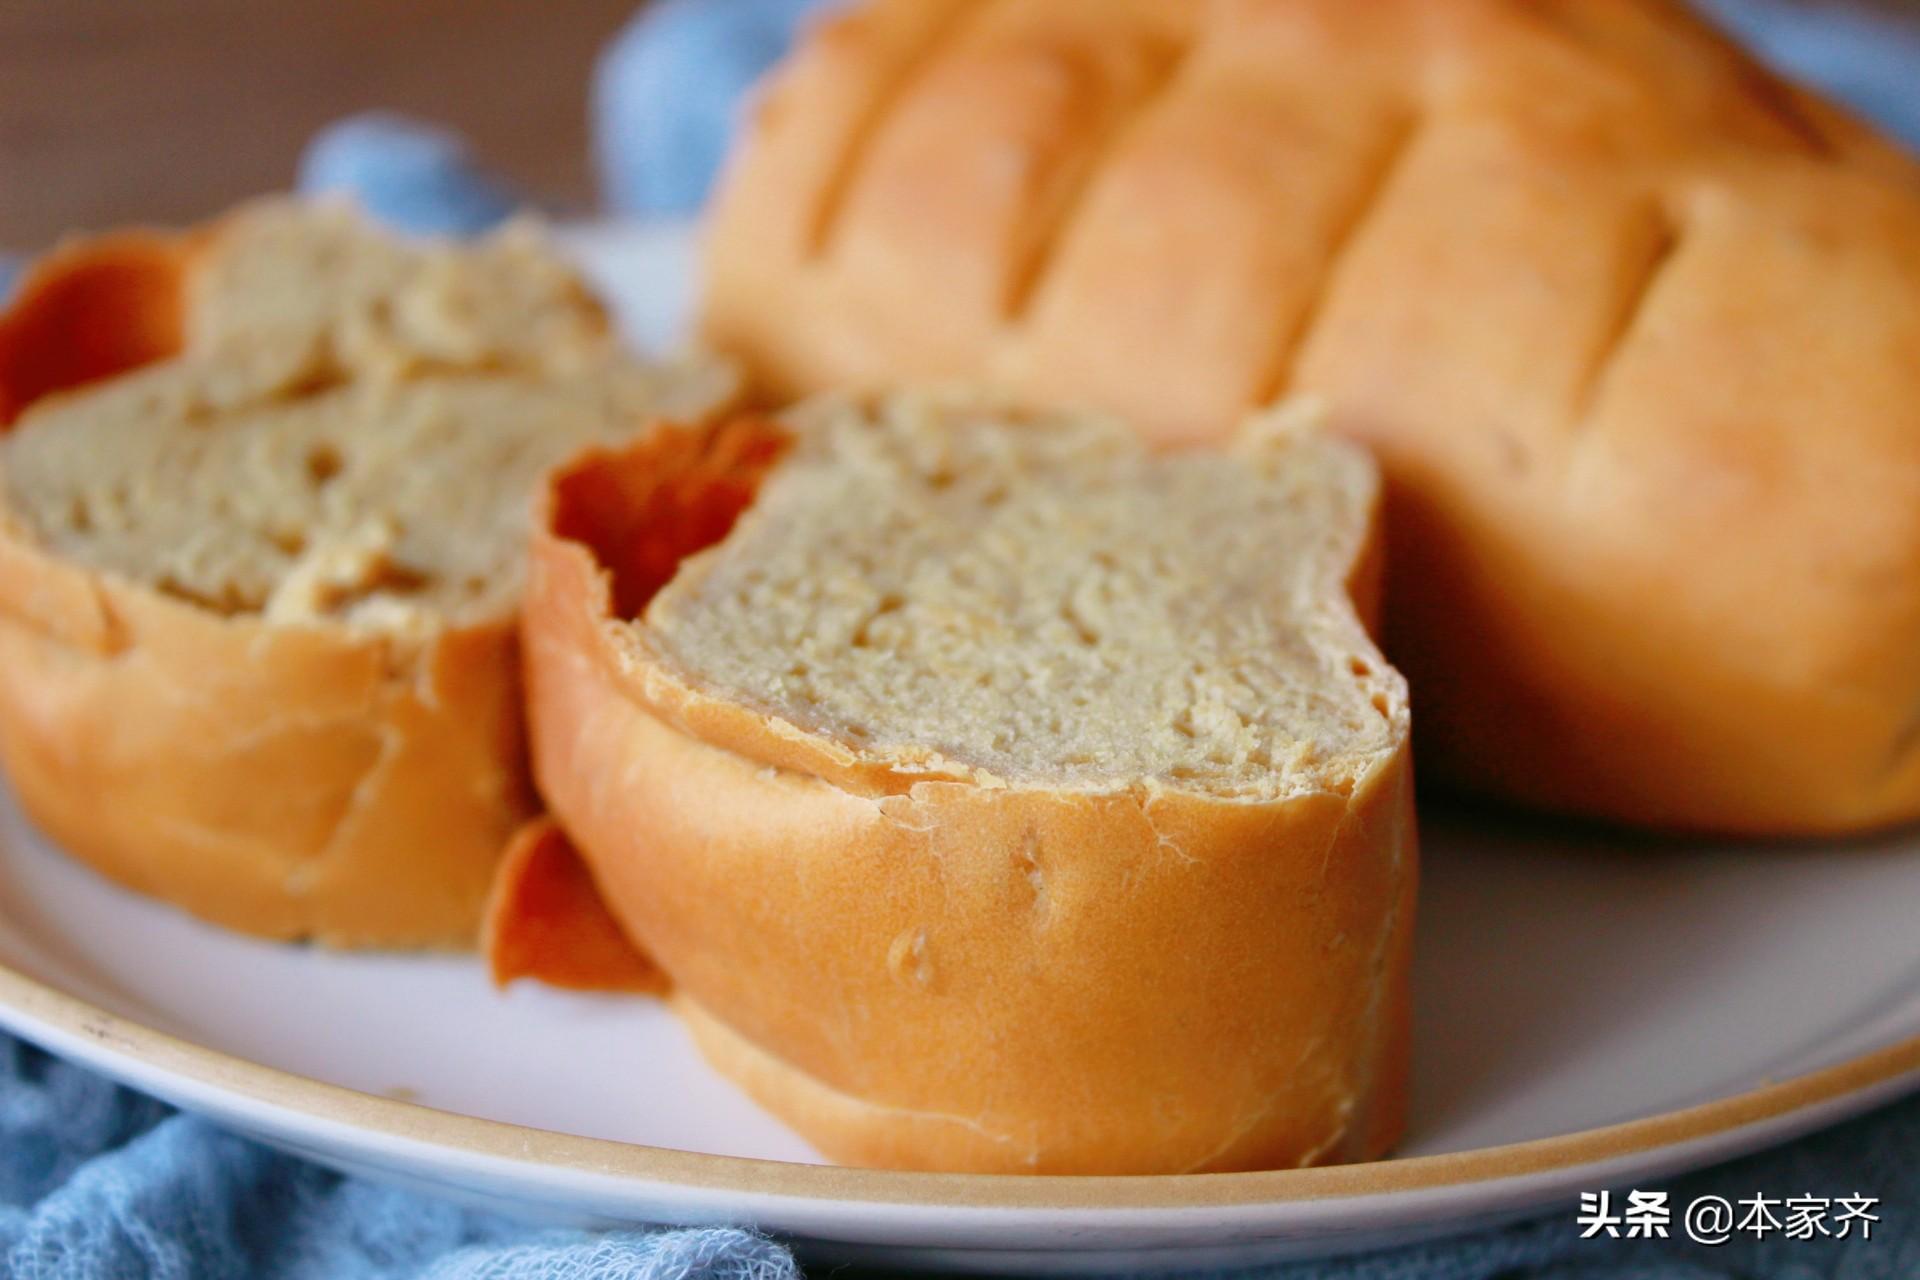 咖啡法棍,比烤麵包還簡單,越嚼越香,一步兩步教你做,包你學會